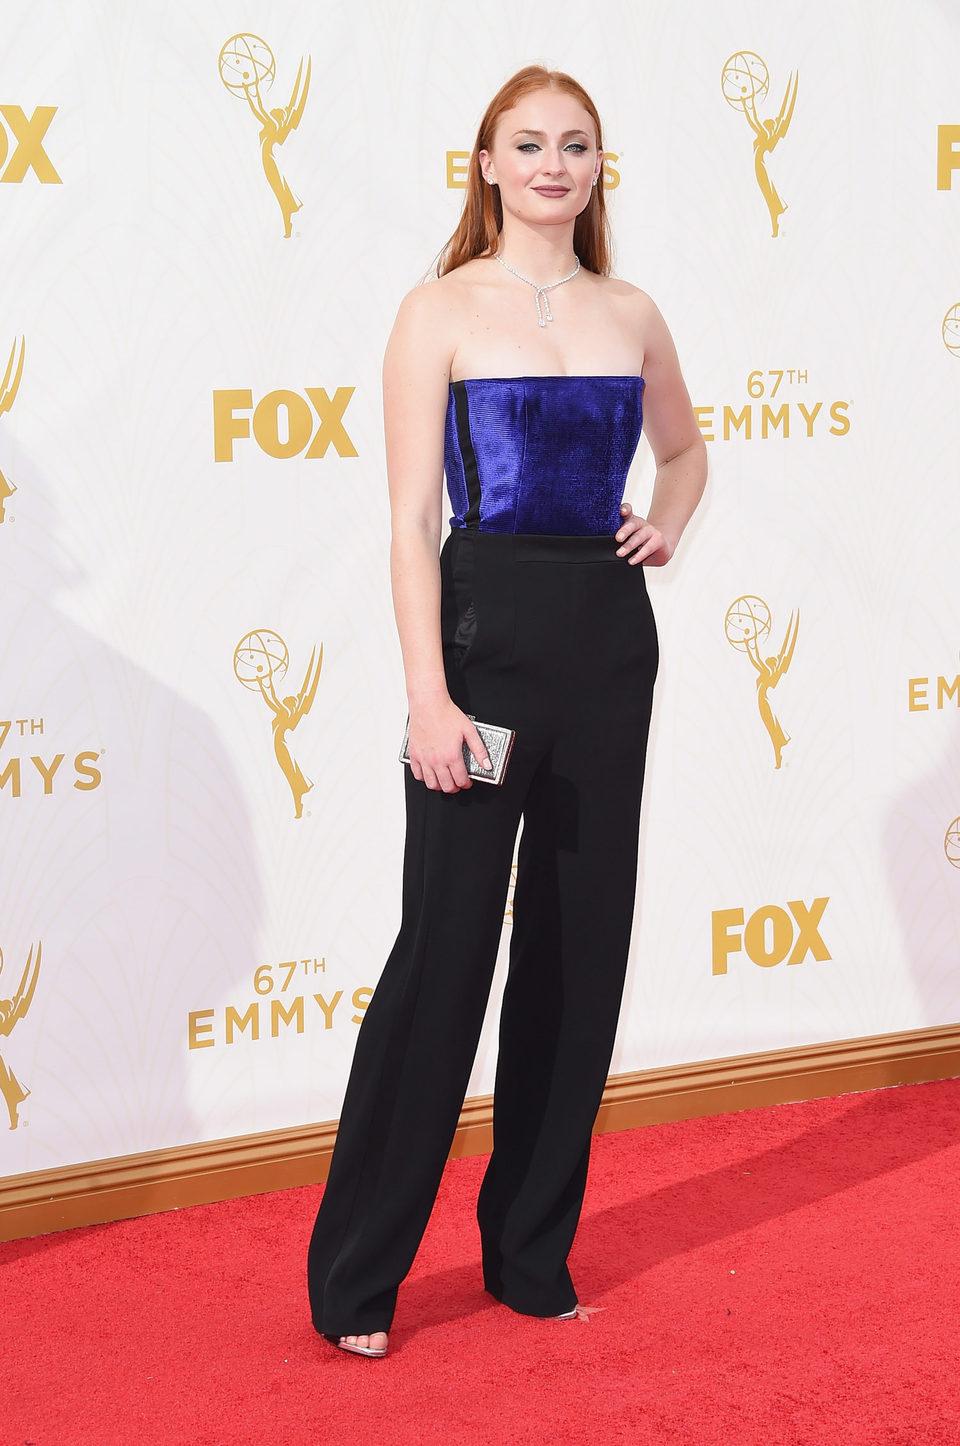 Sophie Turner at the 2015 Emmy awards red carpet